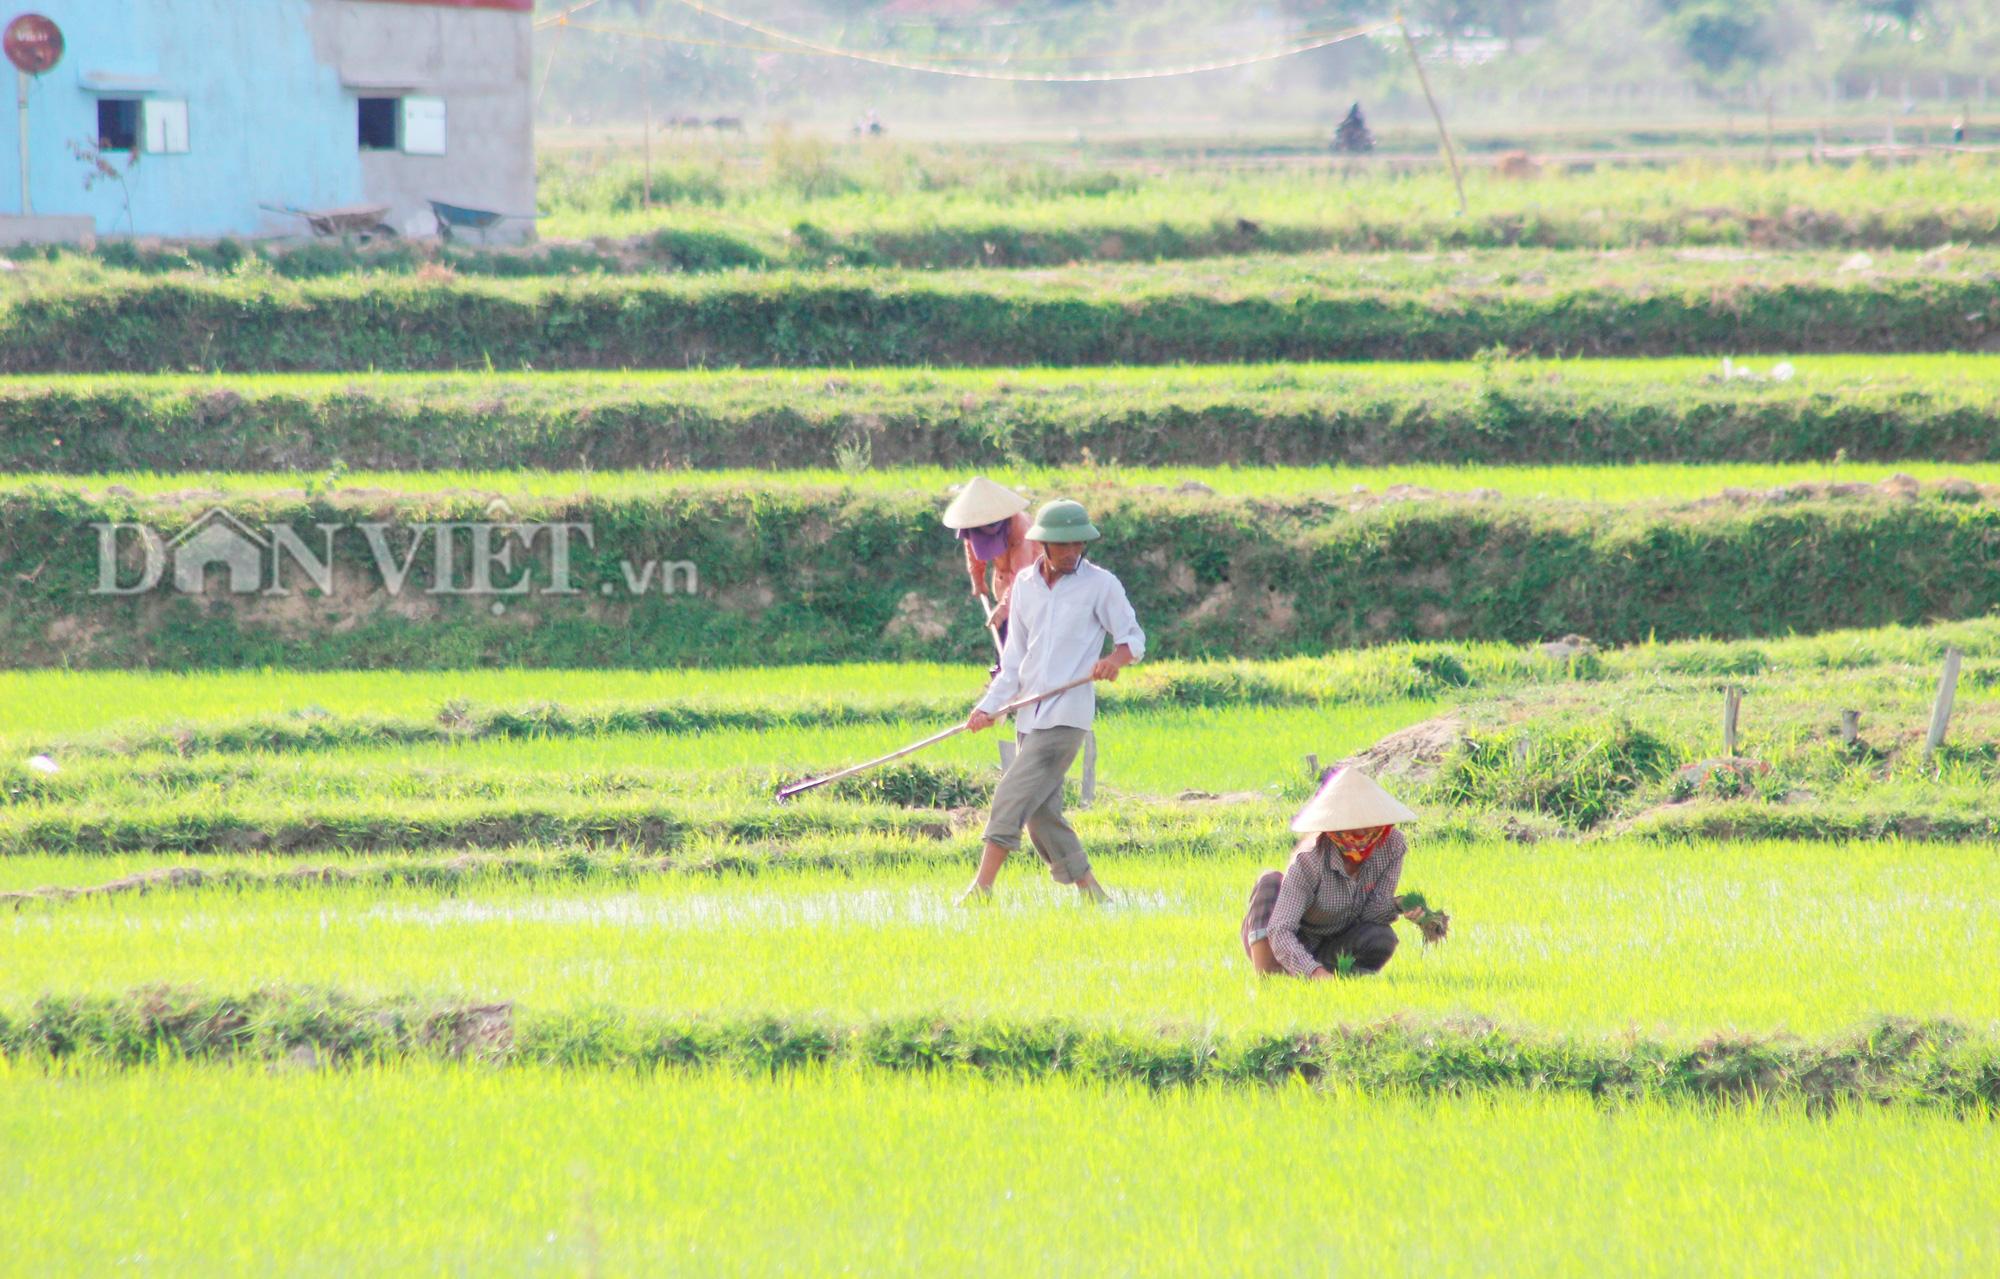 """Quảng Bình: Nông dân vật vã ra đồng dưới cái  nắng """"như đổ lửa""""  - Ảnh 3."""